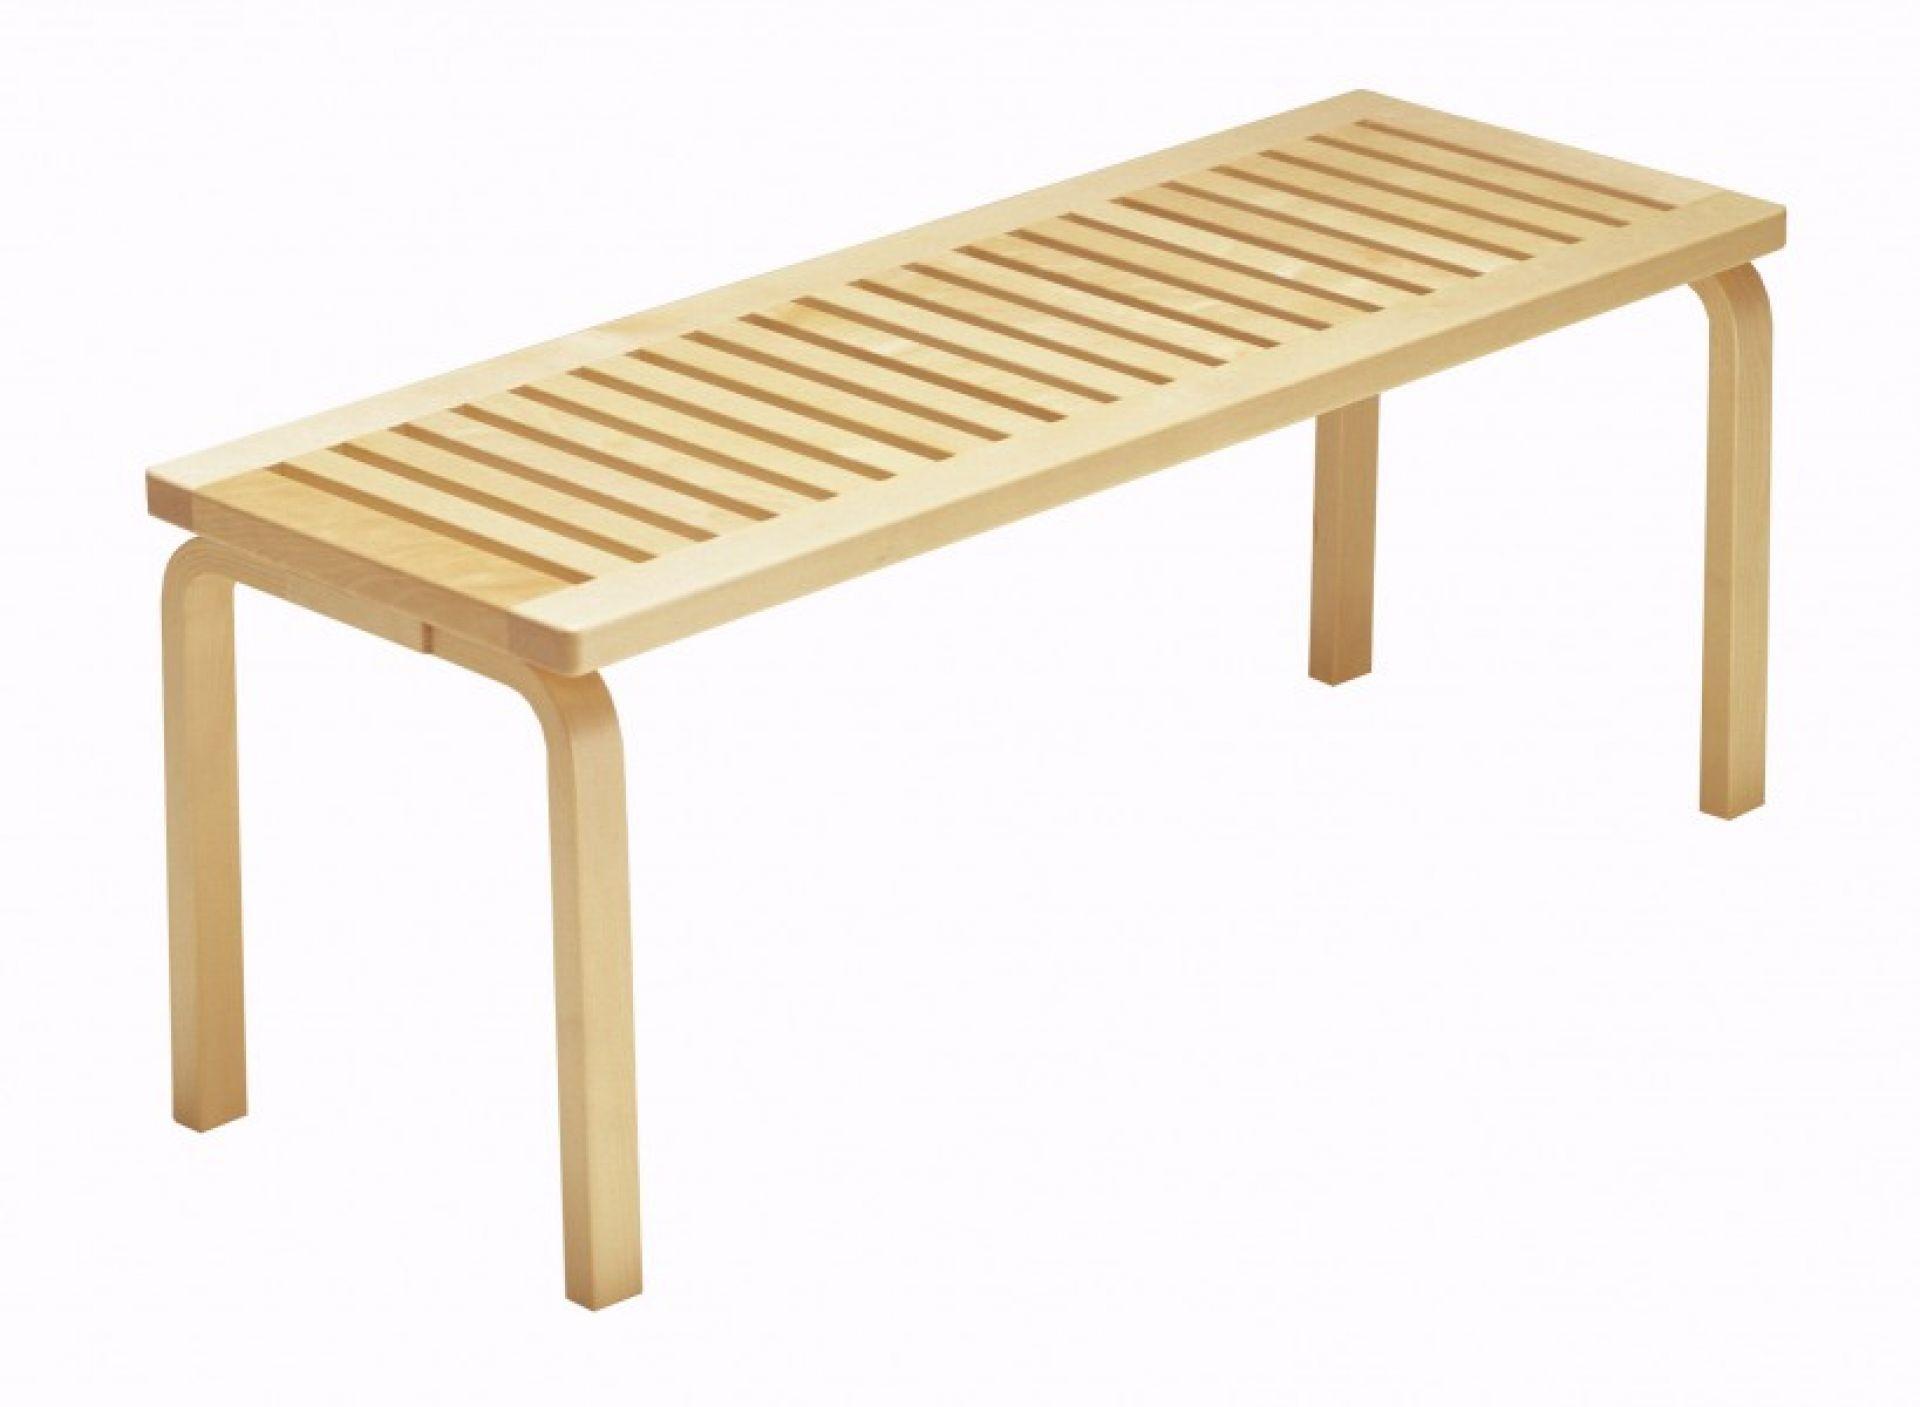 153A / 153B bench Artek